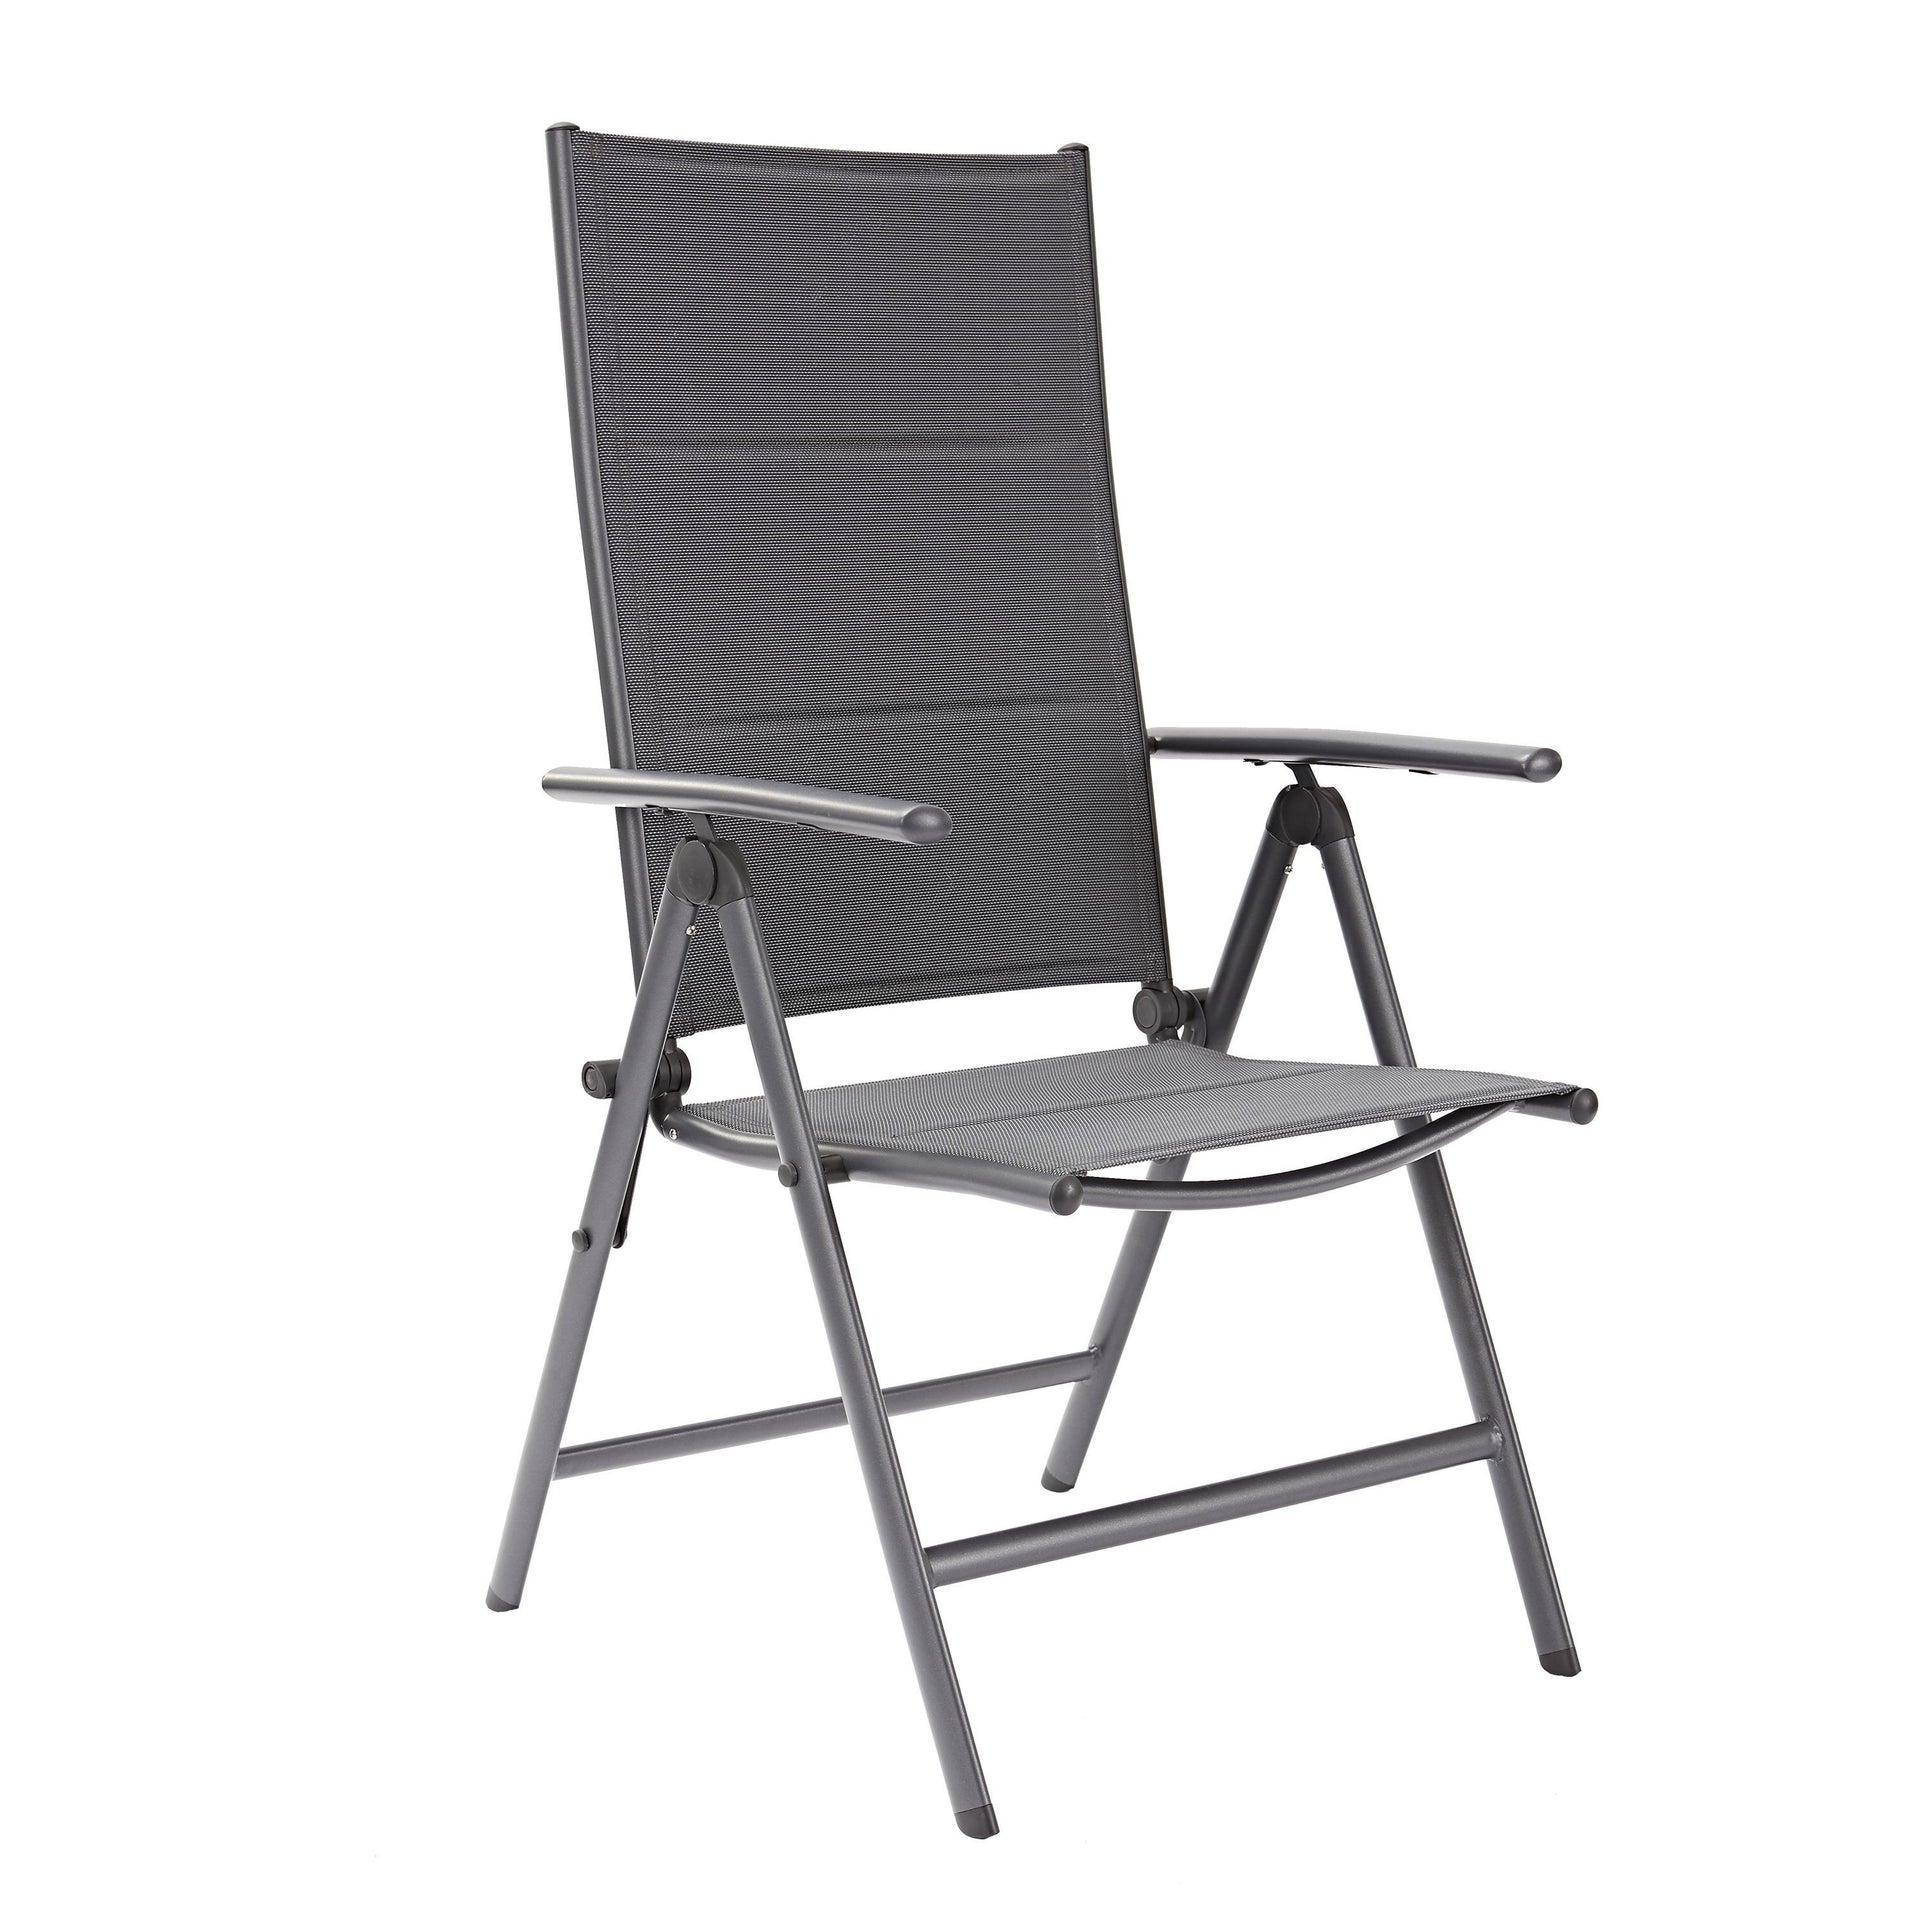 Sedia con braccioli senza cuscino pieghevole in alluminio Orion NATERIAL colore antracite - 1